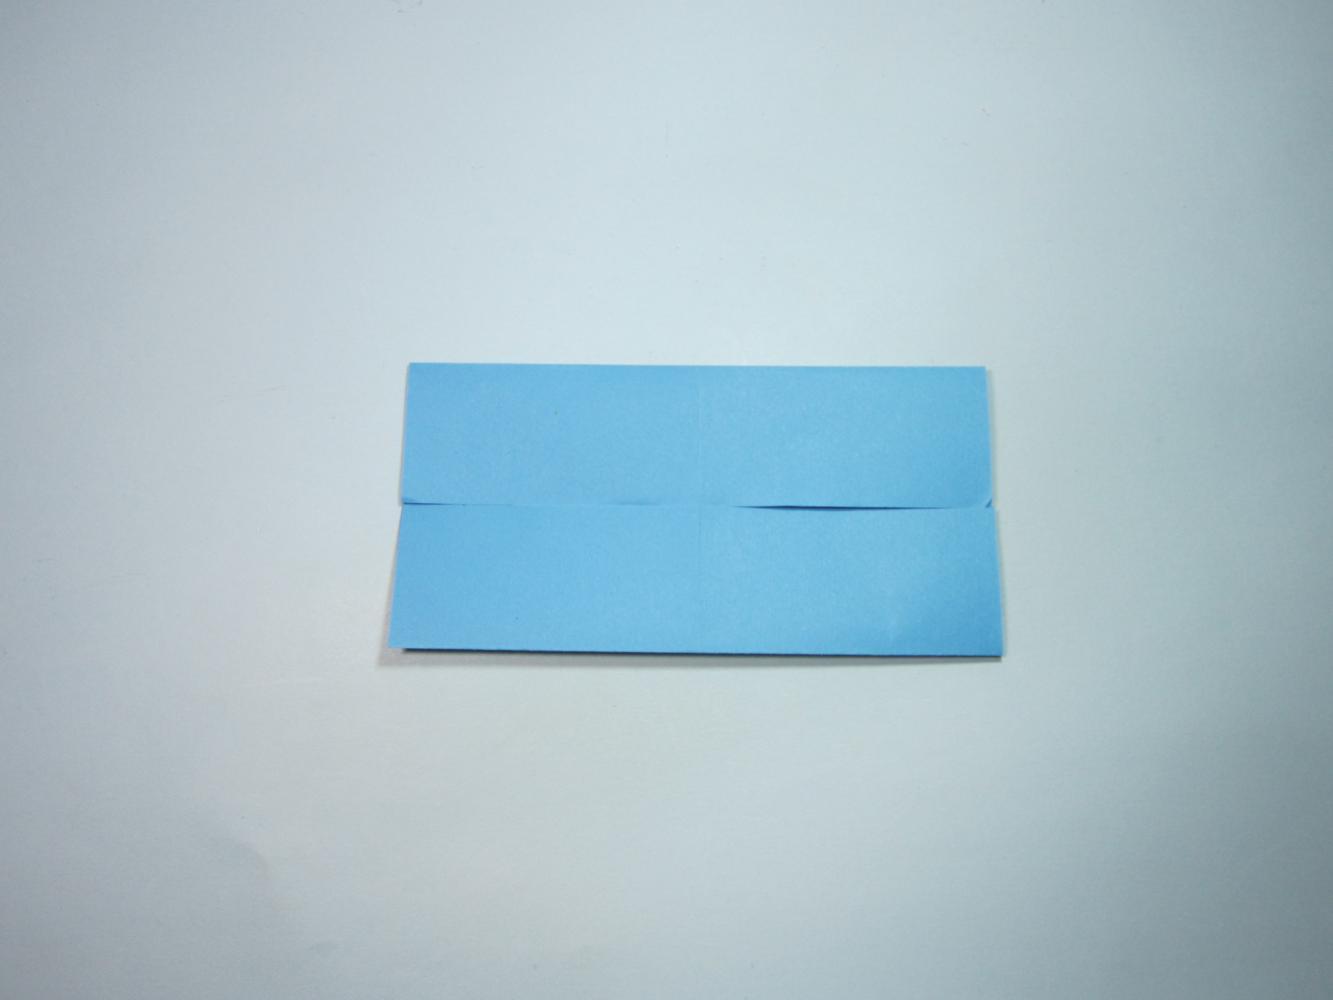 第1步,首先准备一张正方形纸,将上下,左右四条边分别两两对折,展开,留